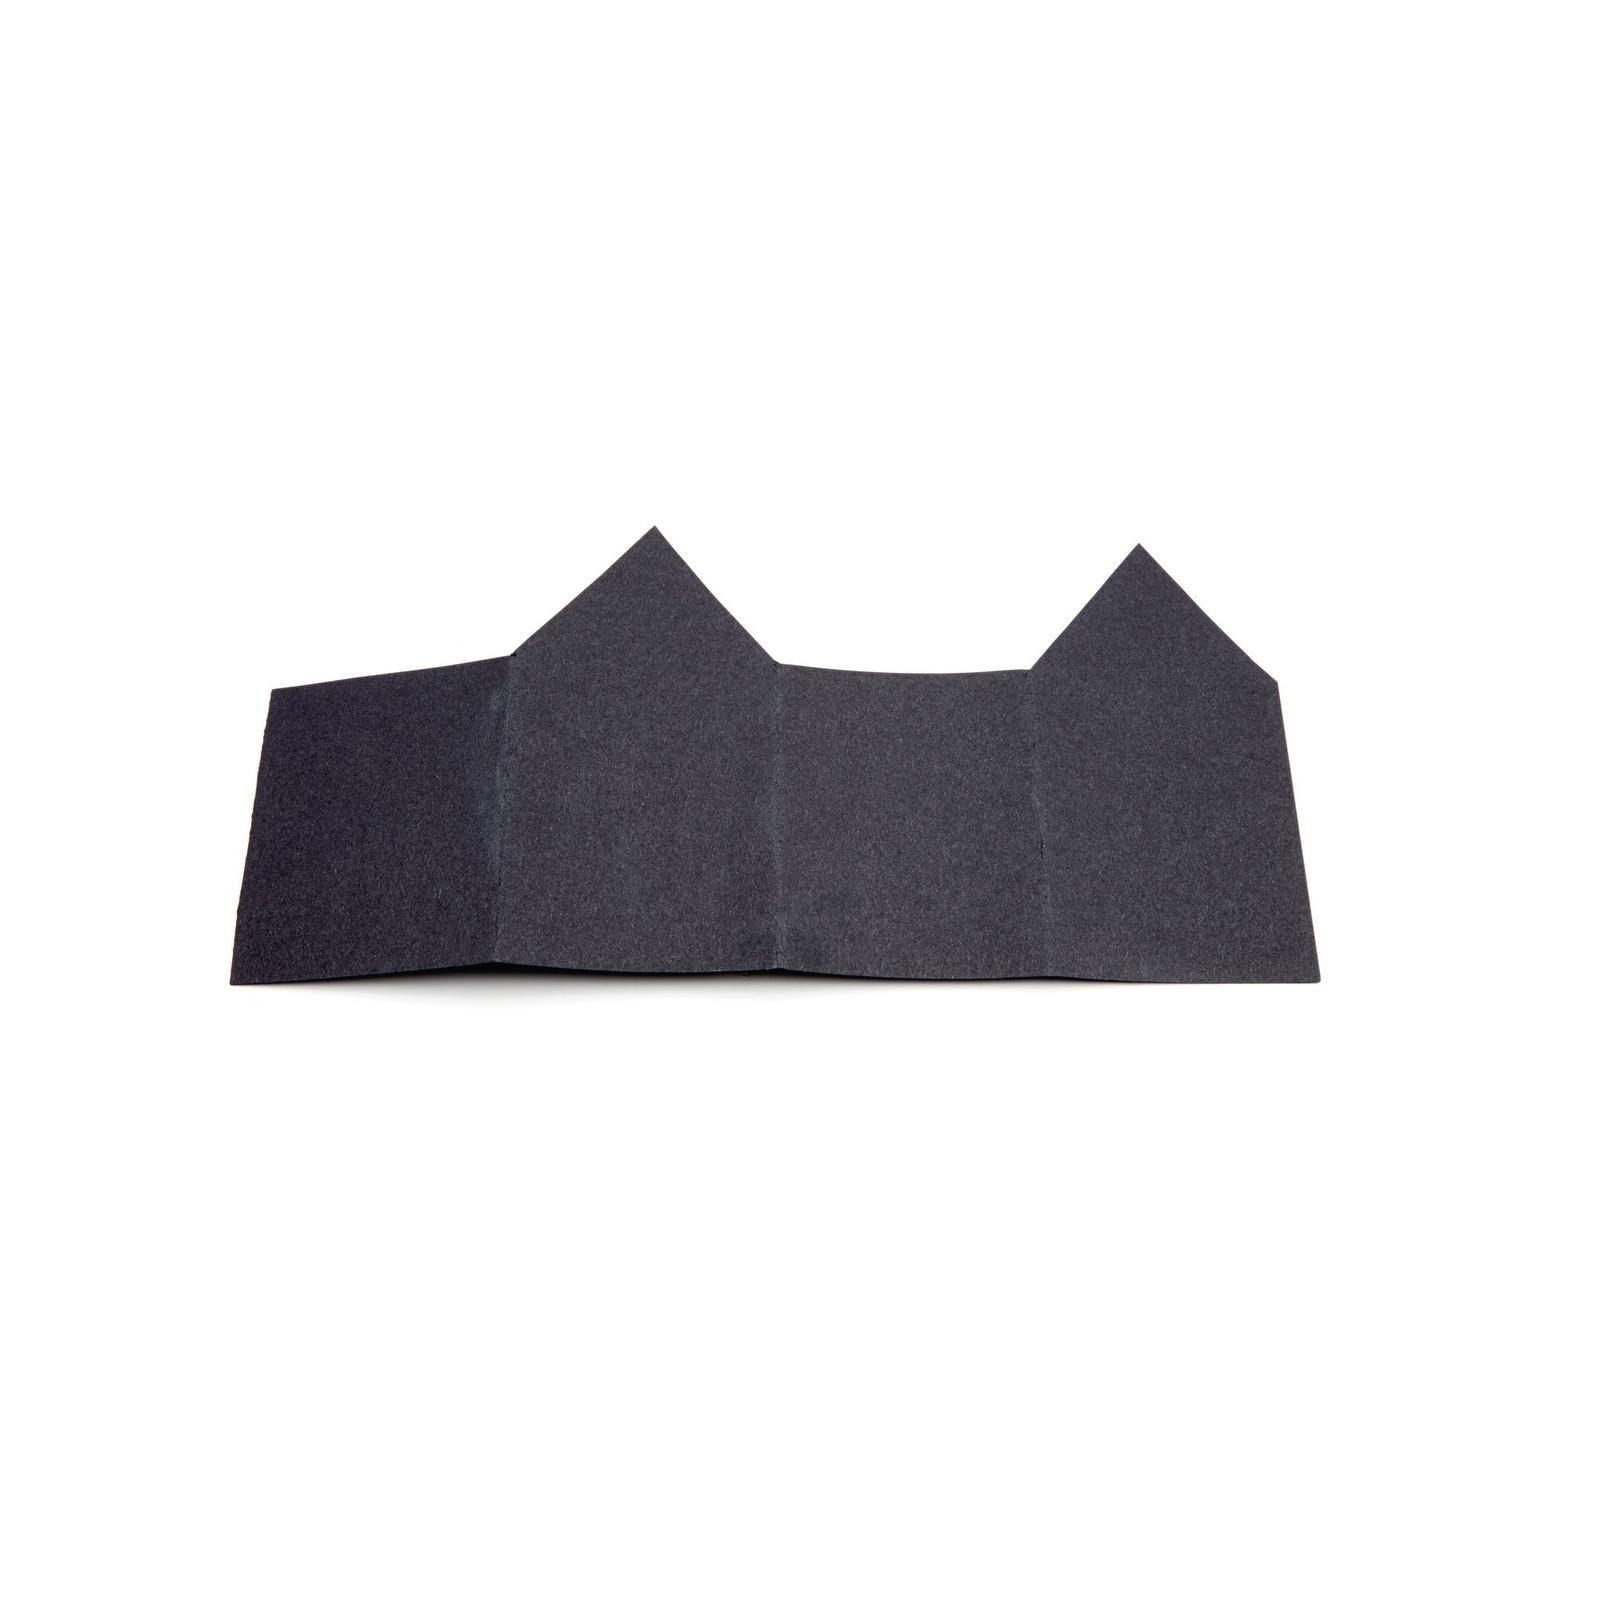 Black Card - A4- 370 Micron   GLS Educational Supplies